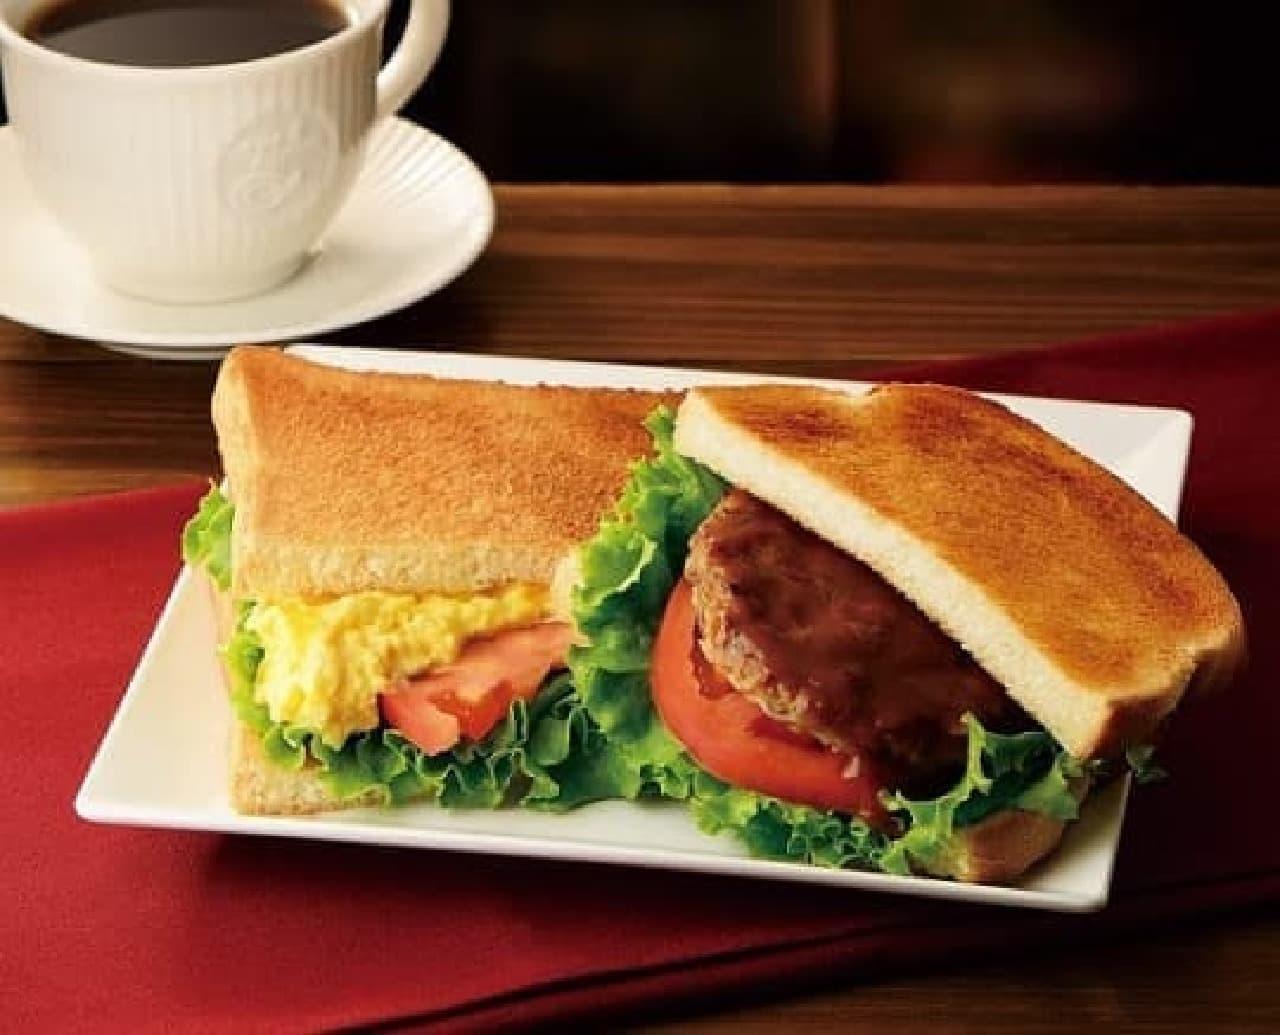 カフェ・ド・クリエ「2つのサンド デミハンバーグとたまごサラダ」